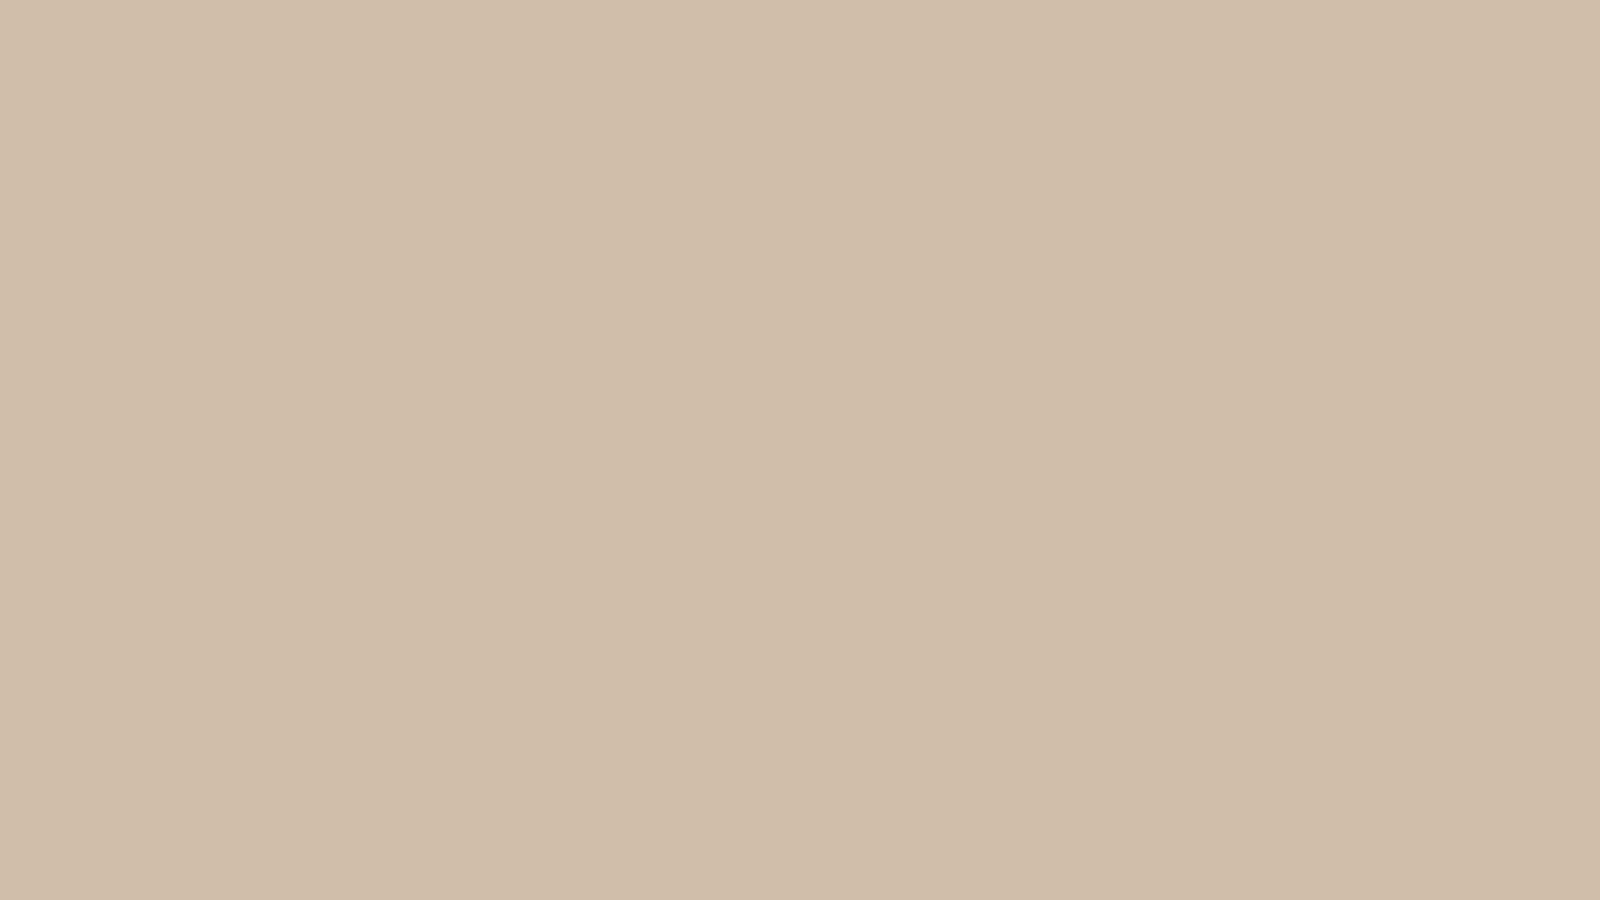 1600x900 Dark Vanilla Solid Color Background